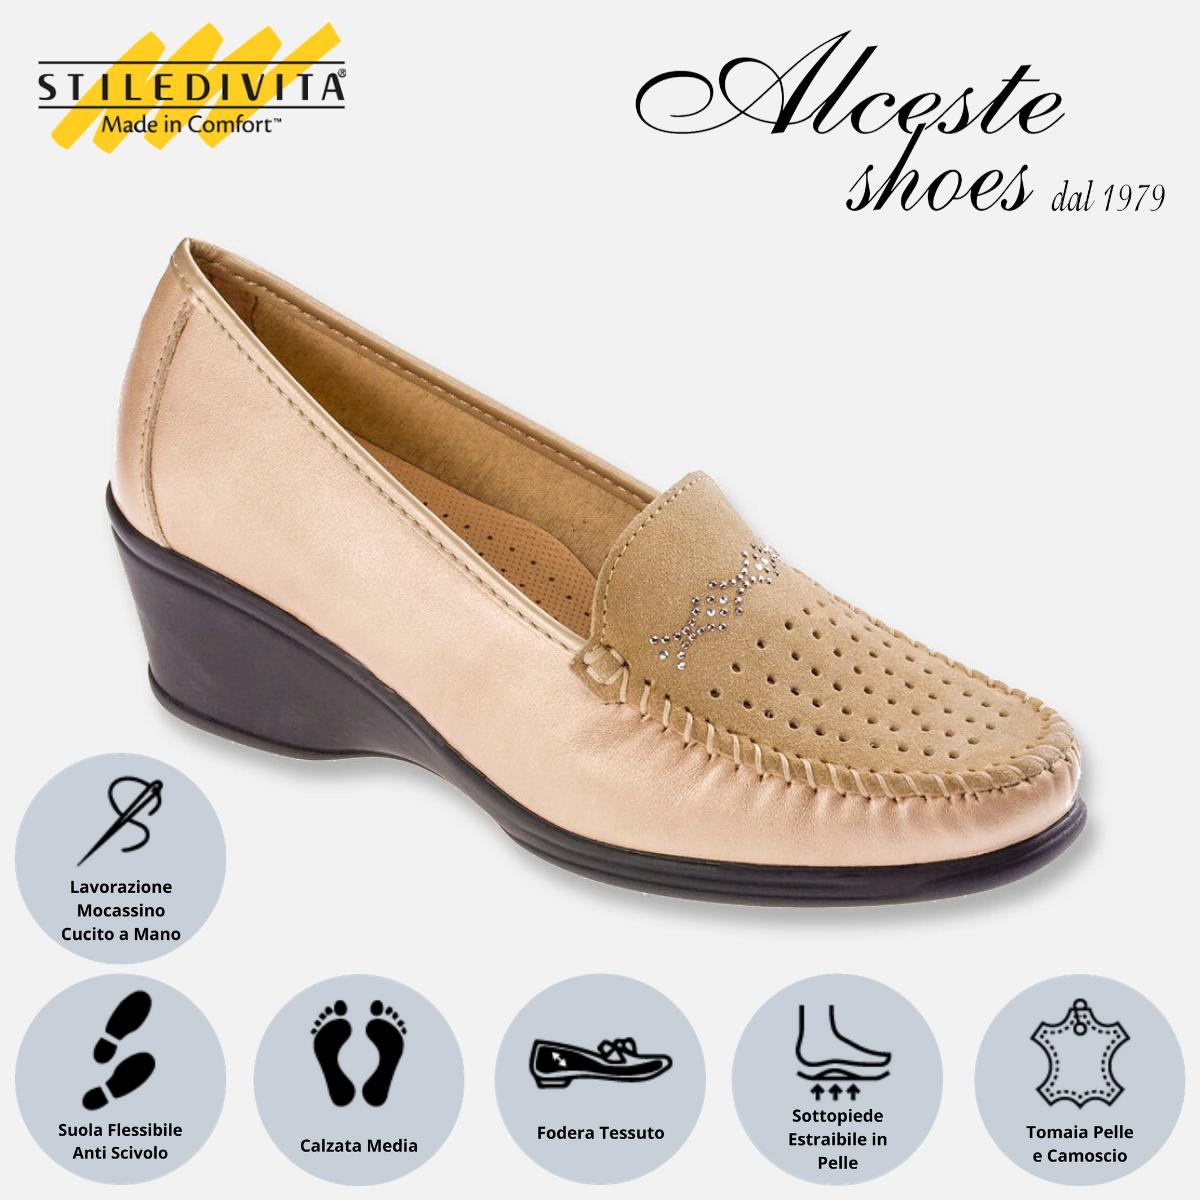 Mocassino Traforato Stiledivita Art. 7448 Pelle Pietra e Camoscio Beige Alceste Shoes 7448 Beige